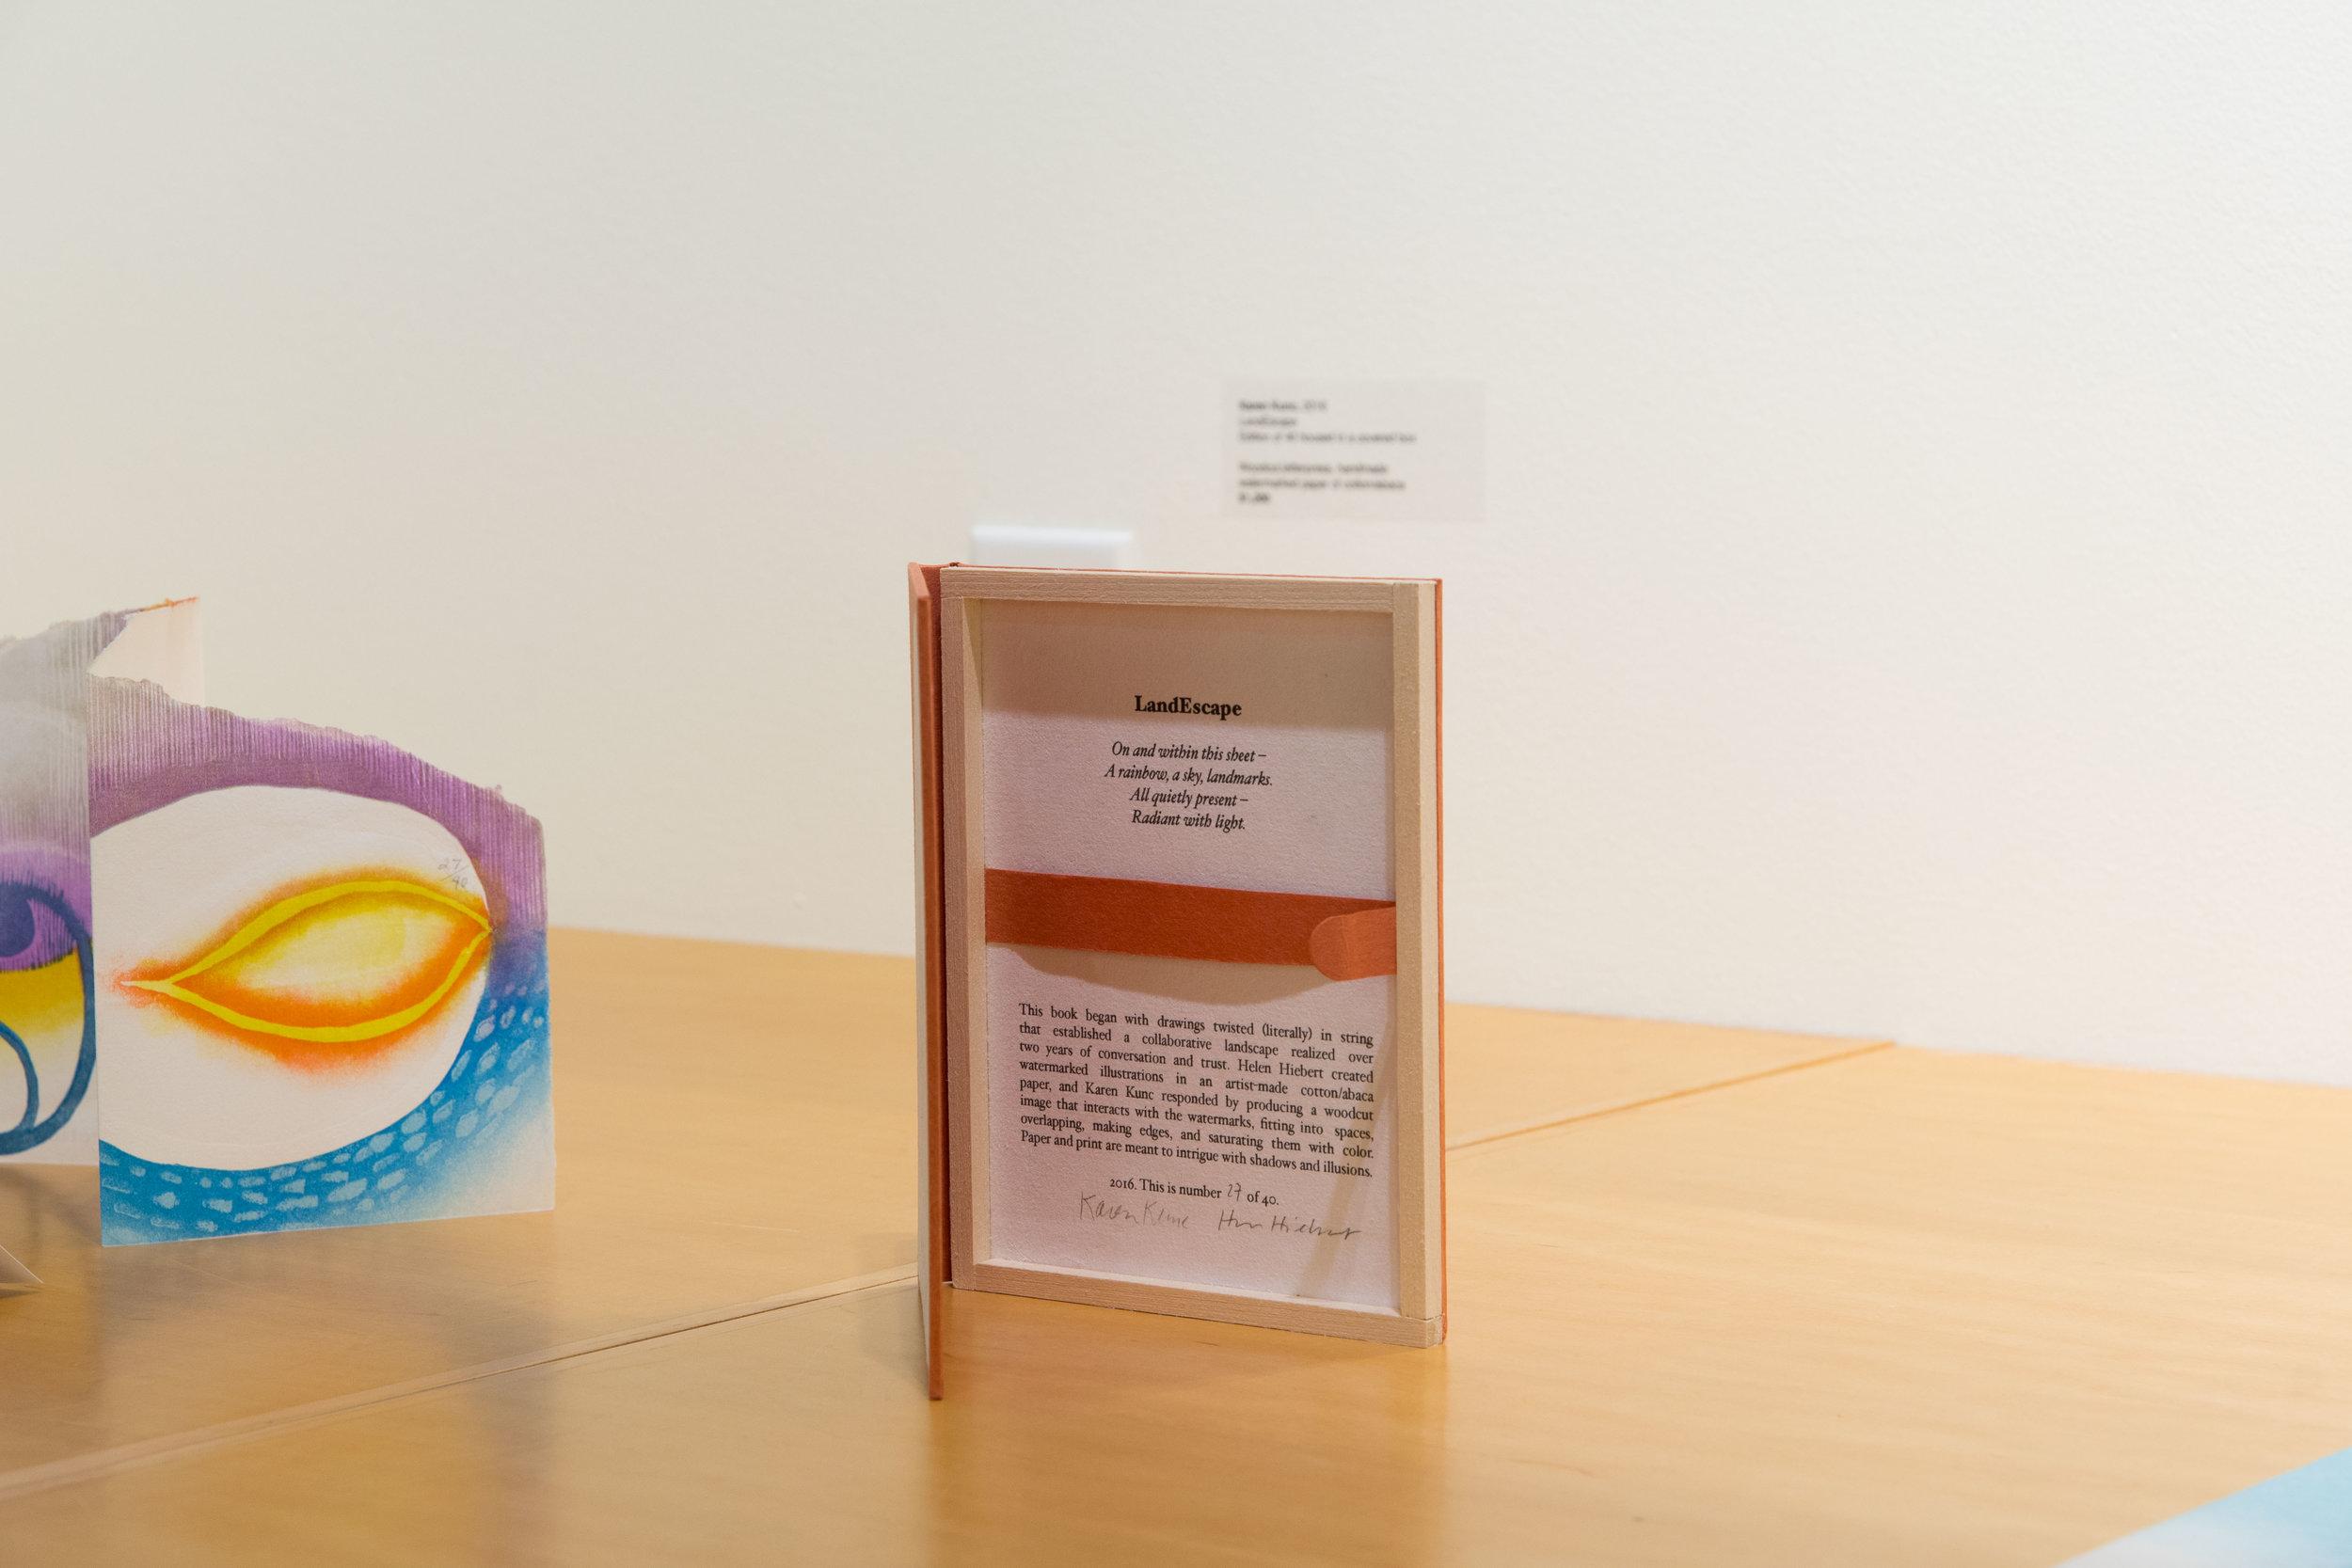 Highpoint ExhibitWeather by Karen Kunc190815a0069.JPG